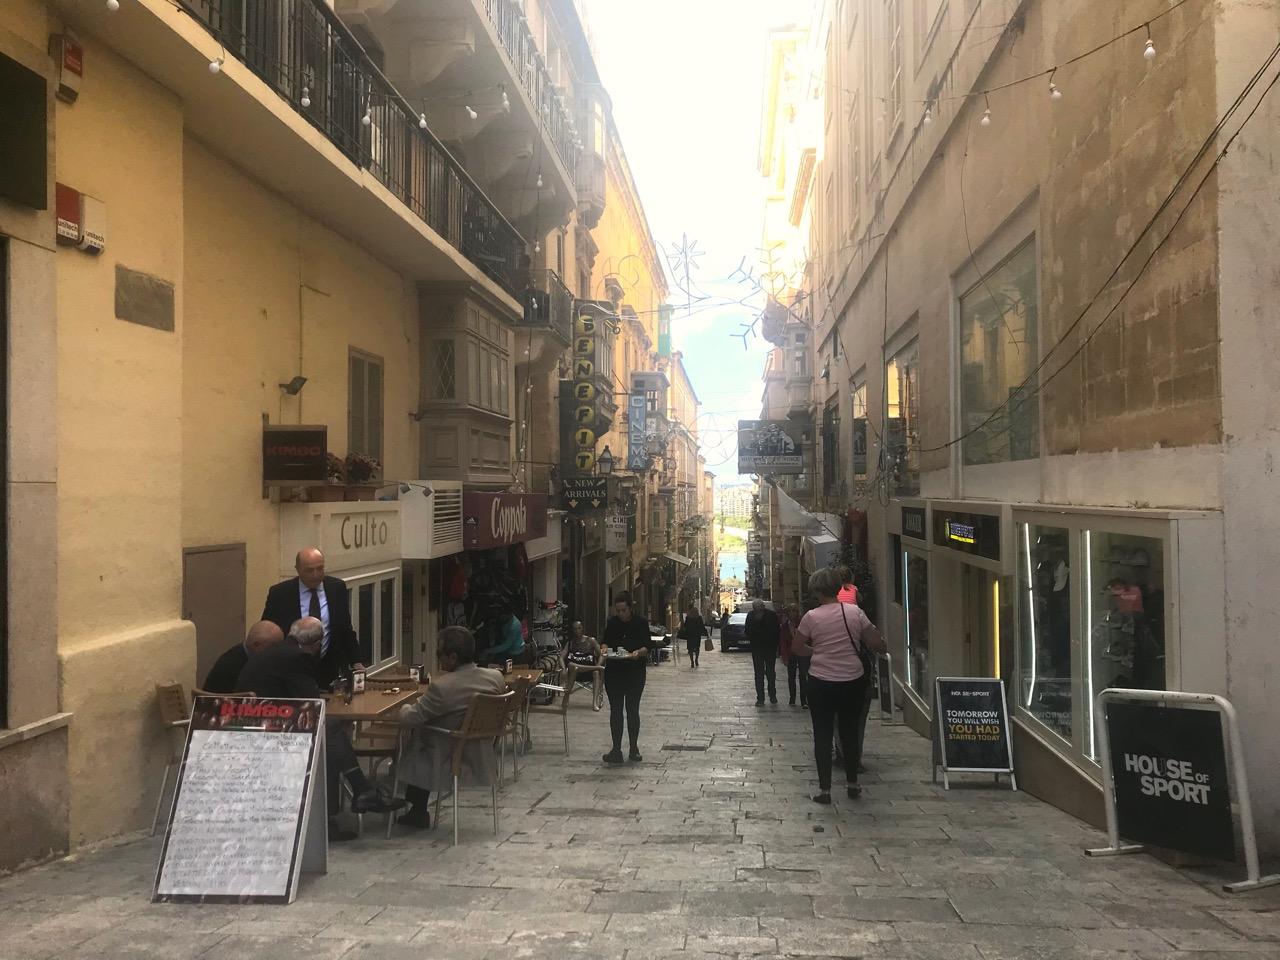 ヴァレッタのレストラン街